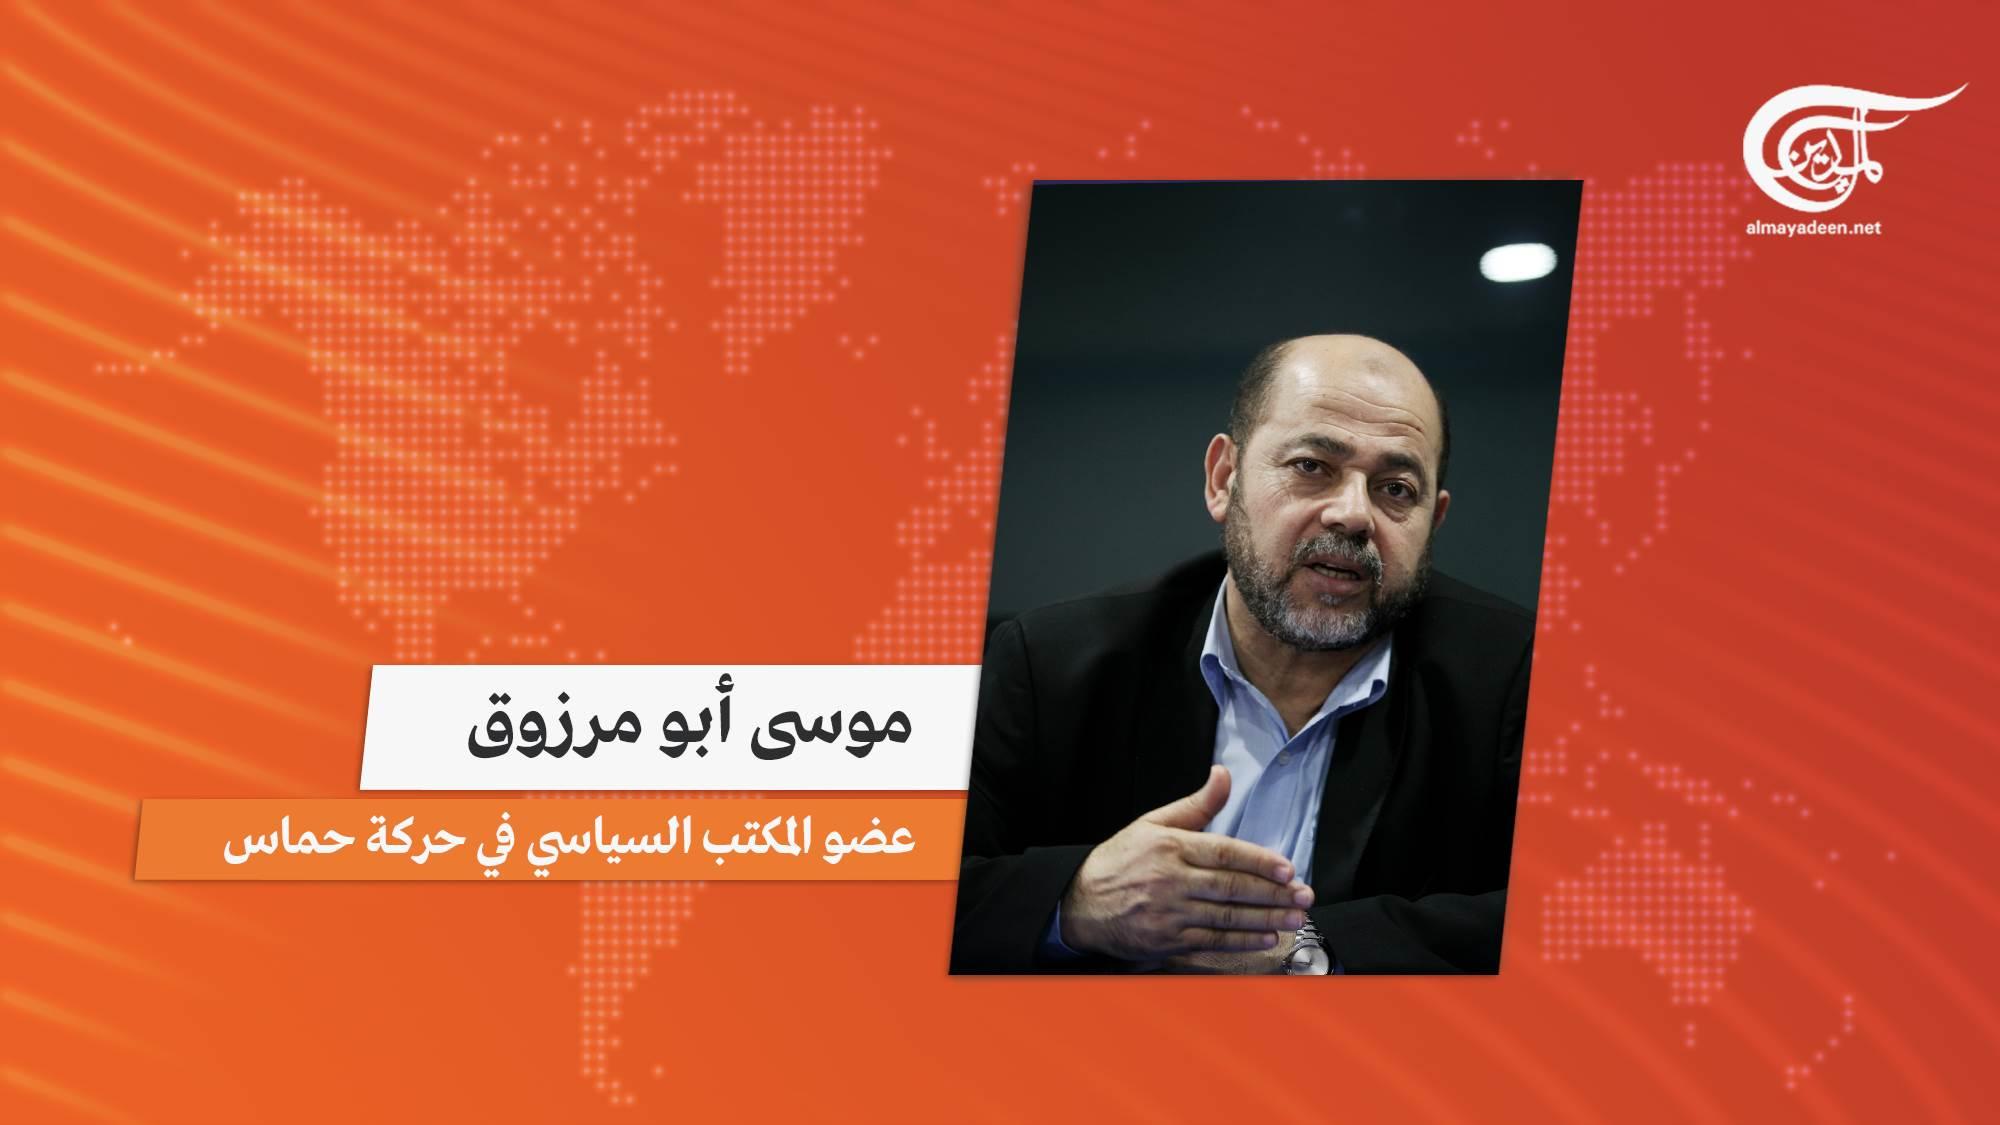 أبو مرزوق للميادين: ضغوط خارجية وراء استهداف دول في الإقليم لحركة حماس